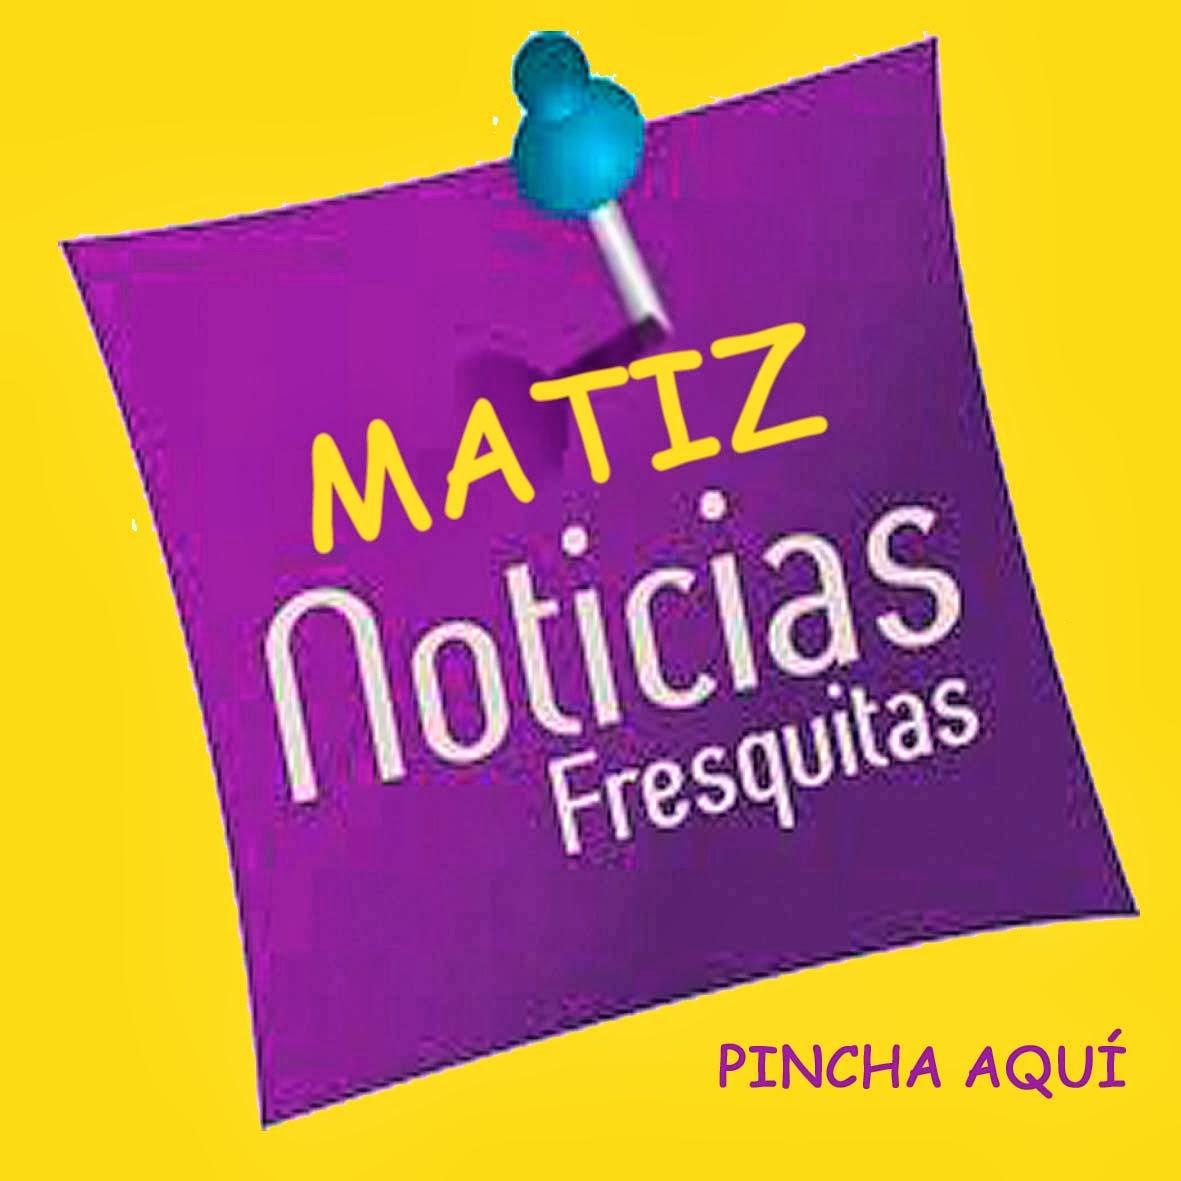 NOTICIAS MATIZ